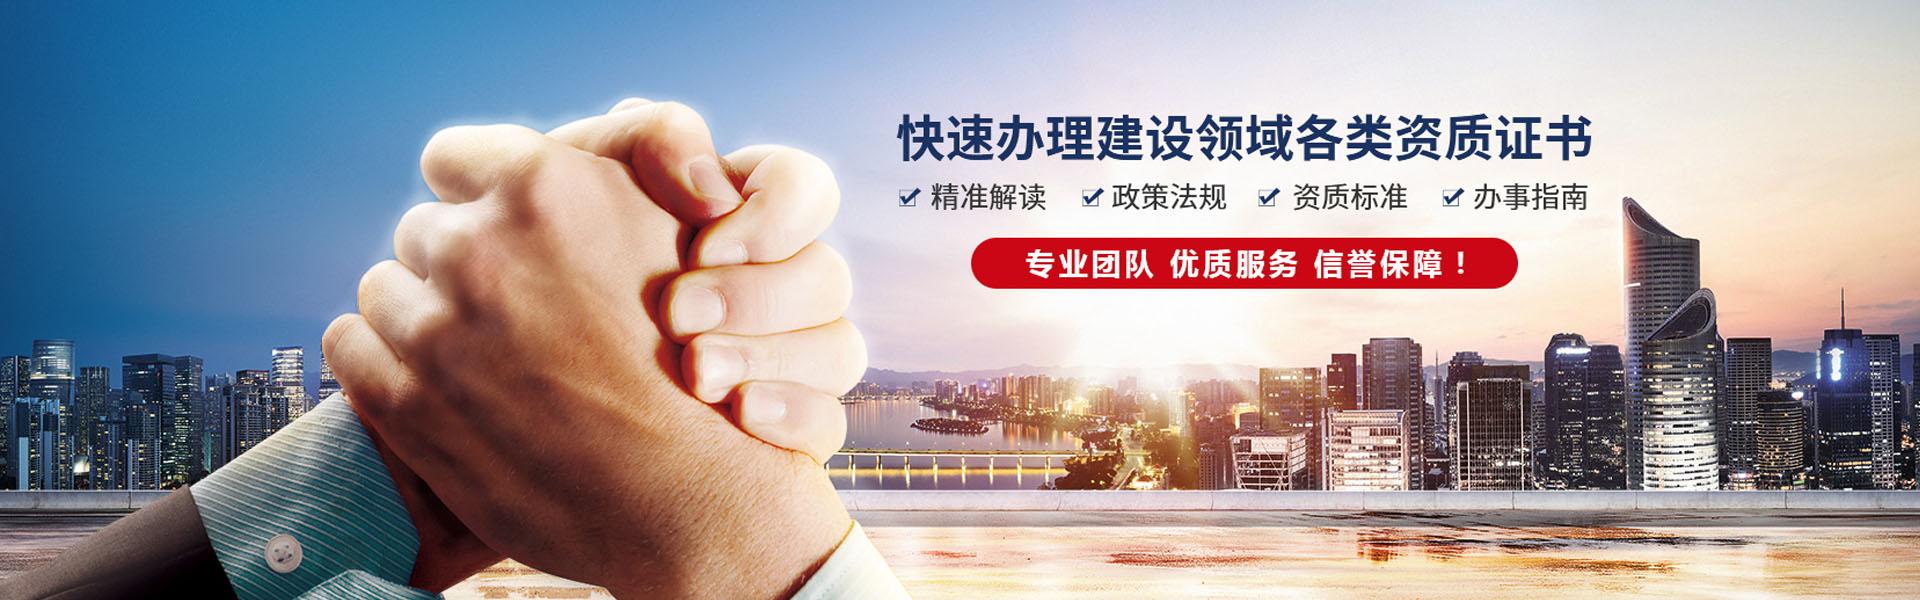 重庆开发资质代办